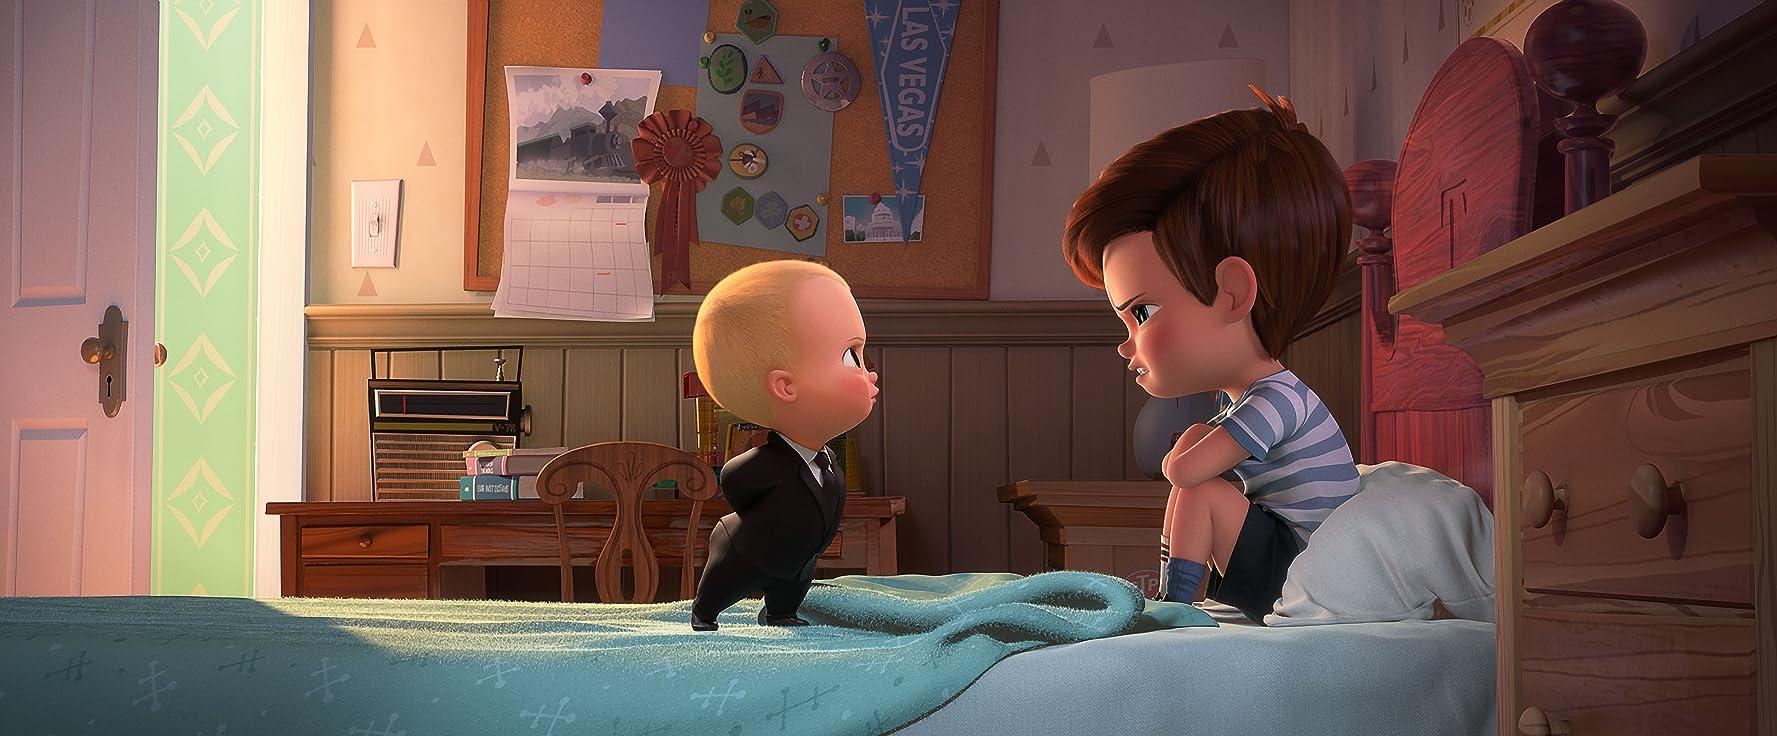 تحميل ومشاهدة فيلم The Boss Baby 2017 1080p WEB-DL مترجم كامل